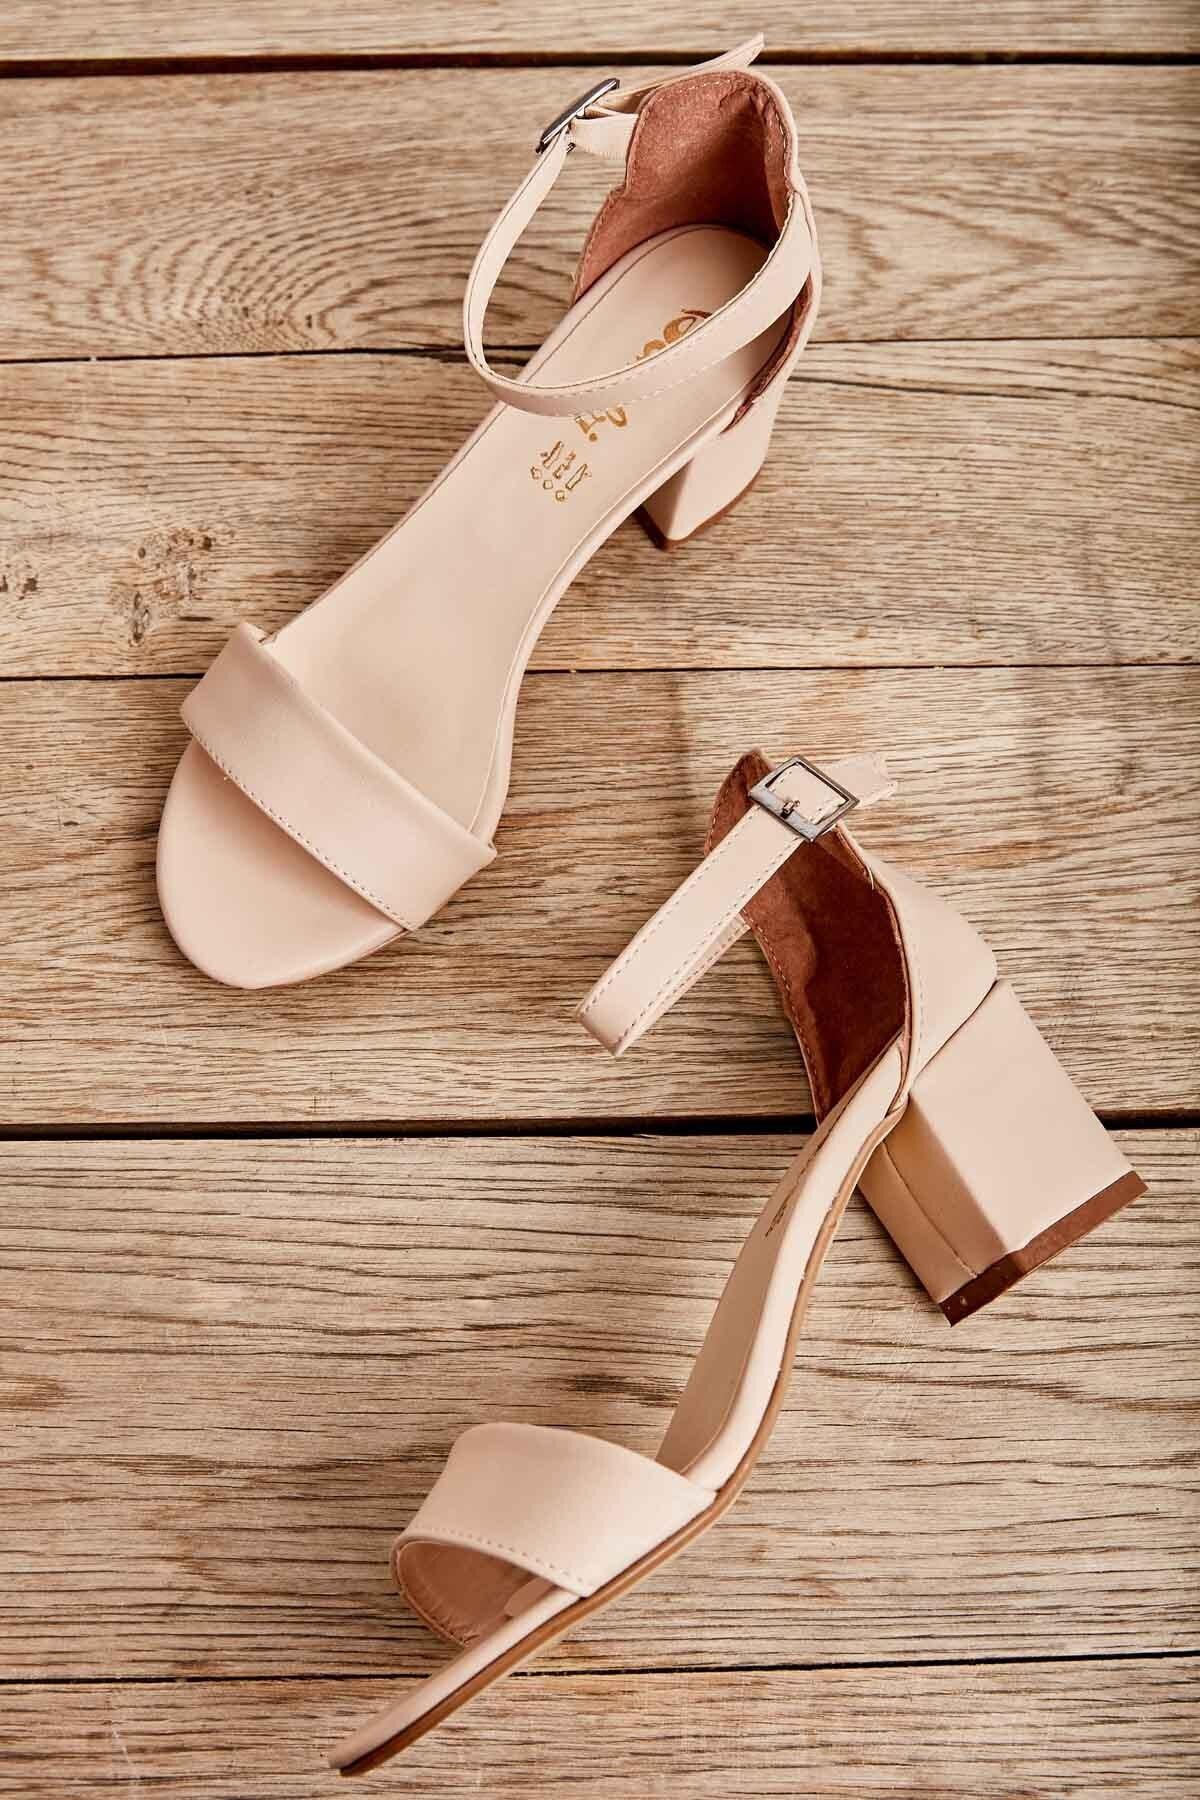 Pudra Kadın Klasik Topuklu Ayakkabı K01503724009